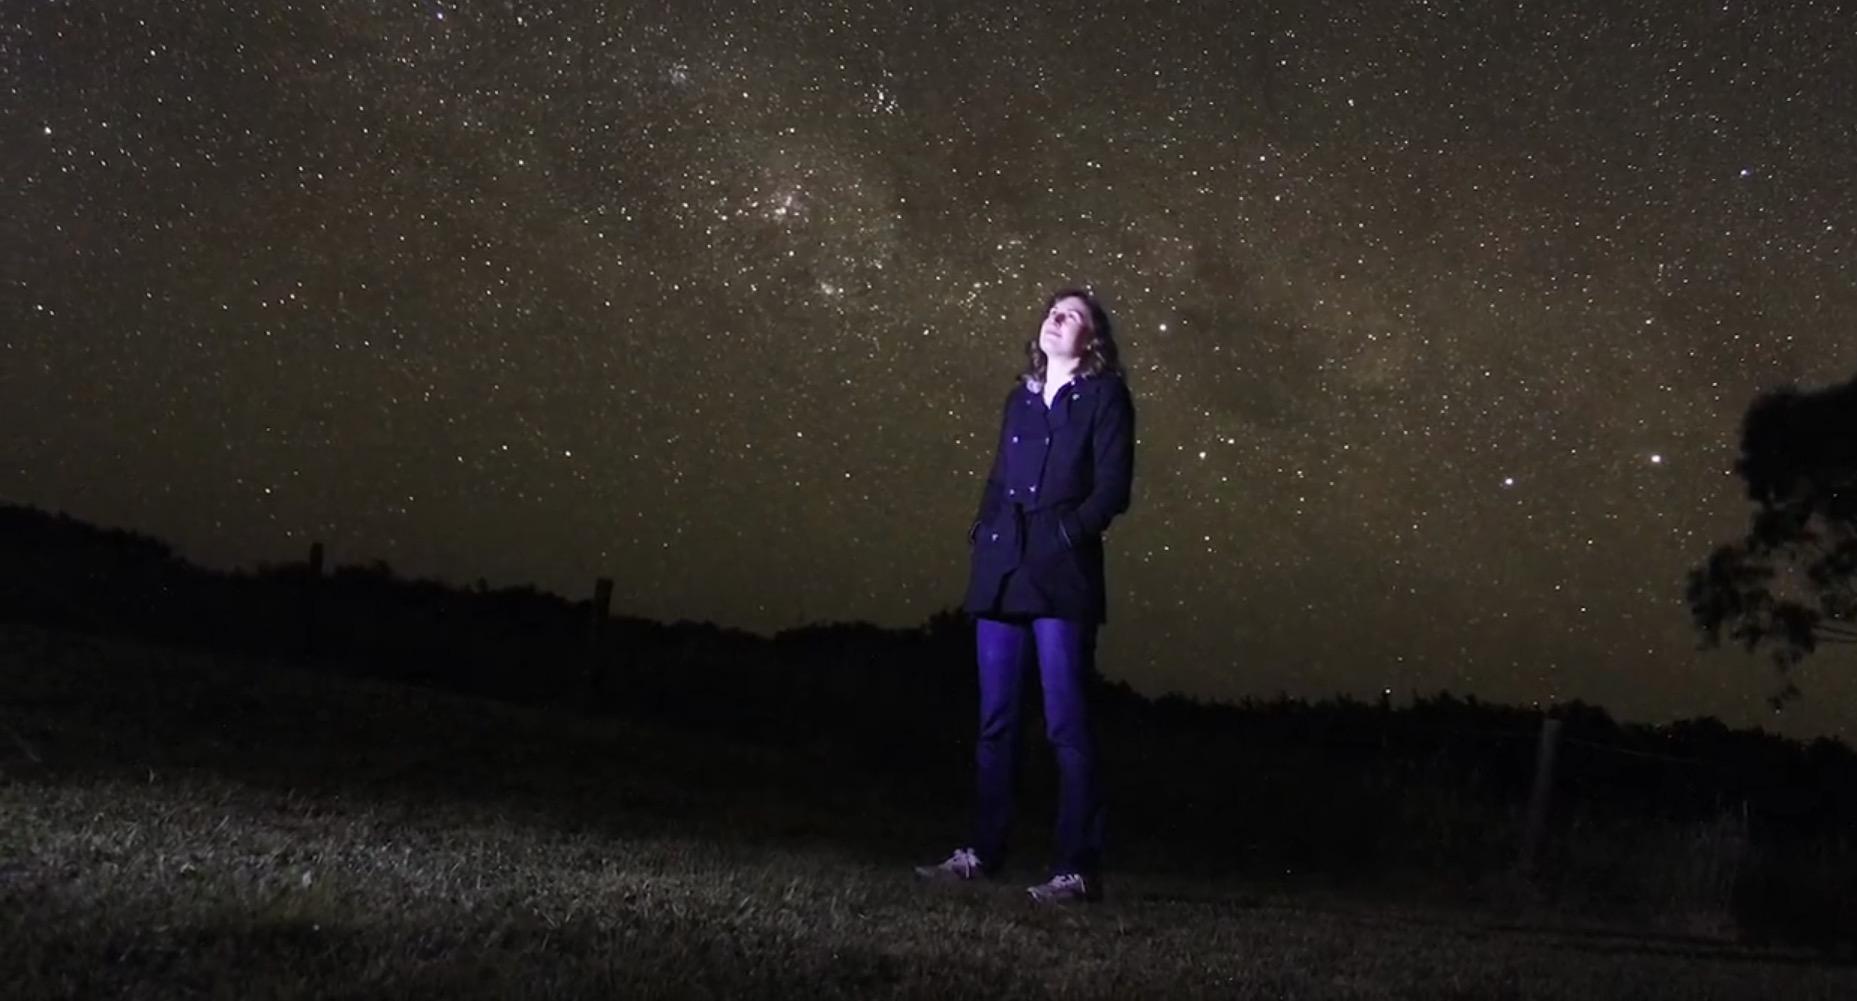 Disorientation: un invito al viaggio, nel tempo e nello spazio, attraverso un video